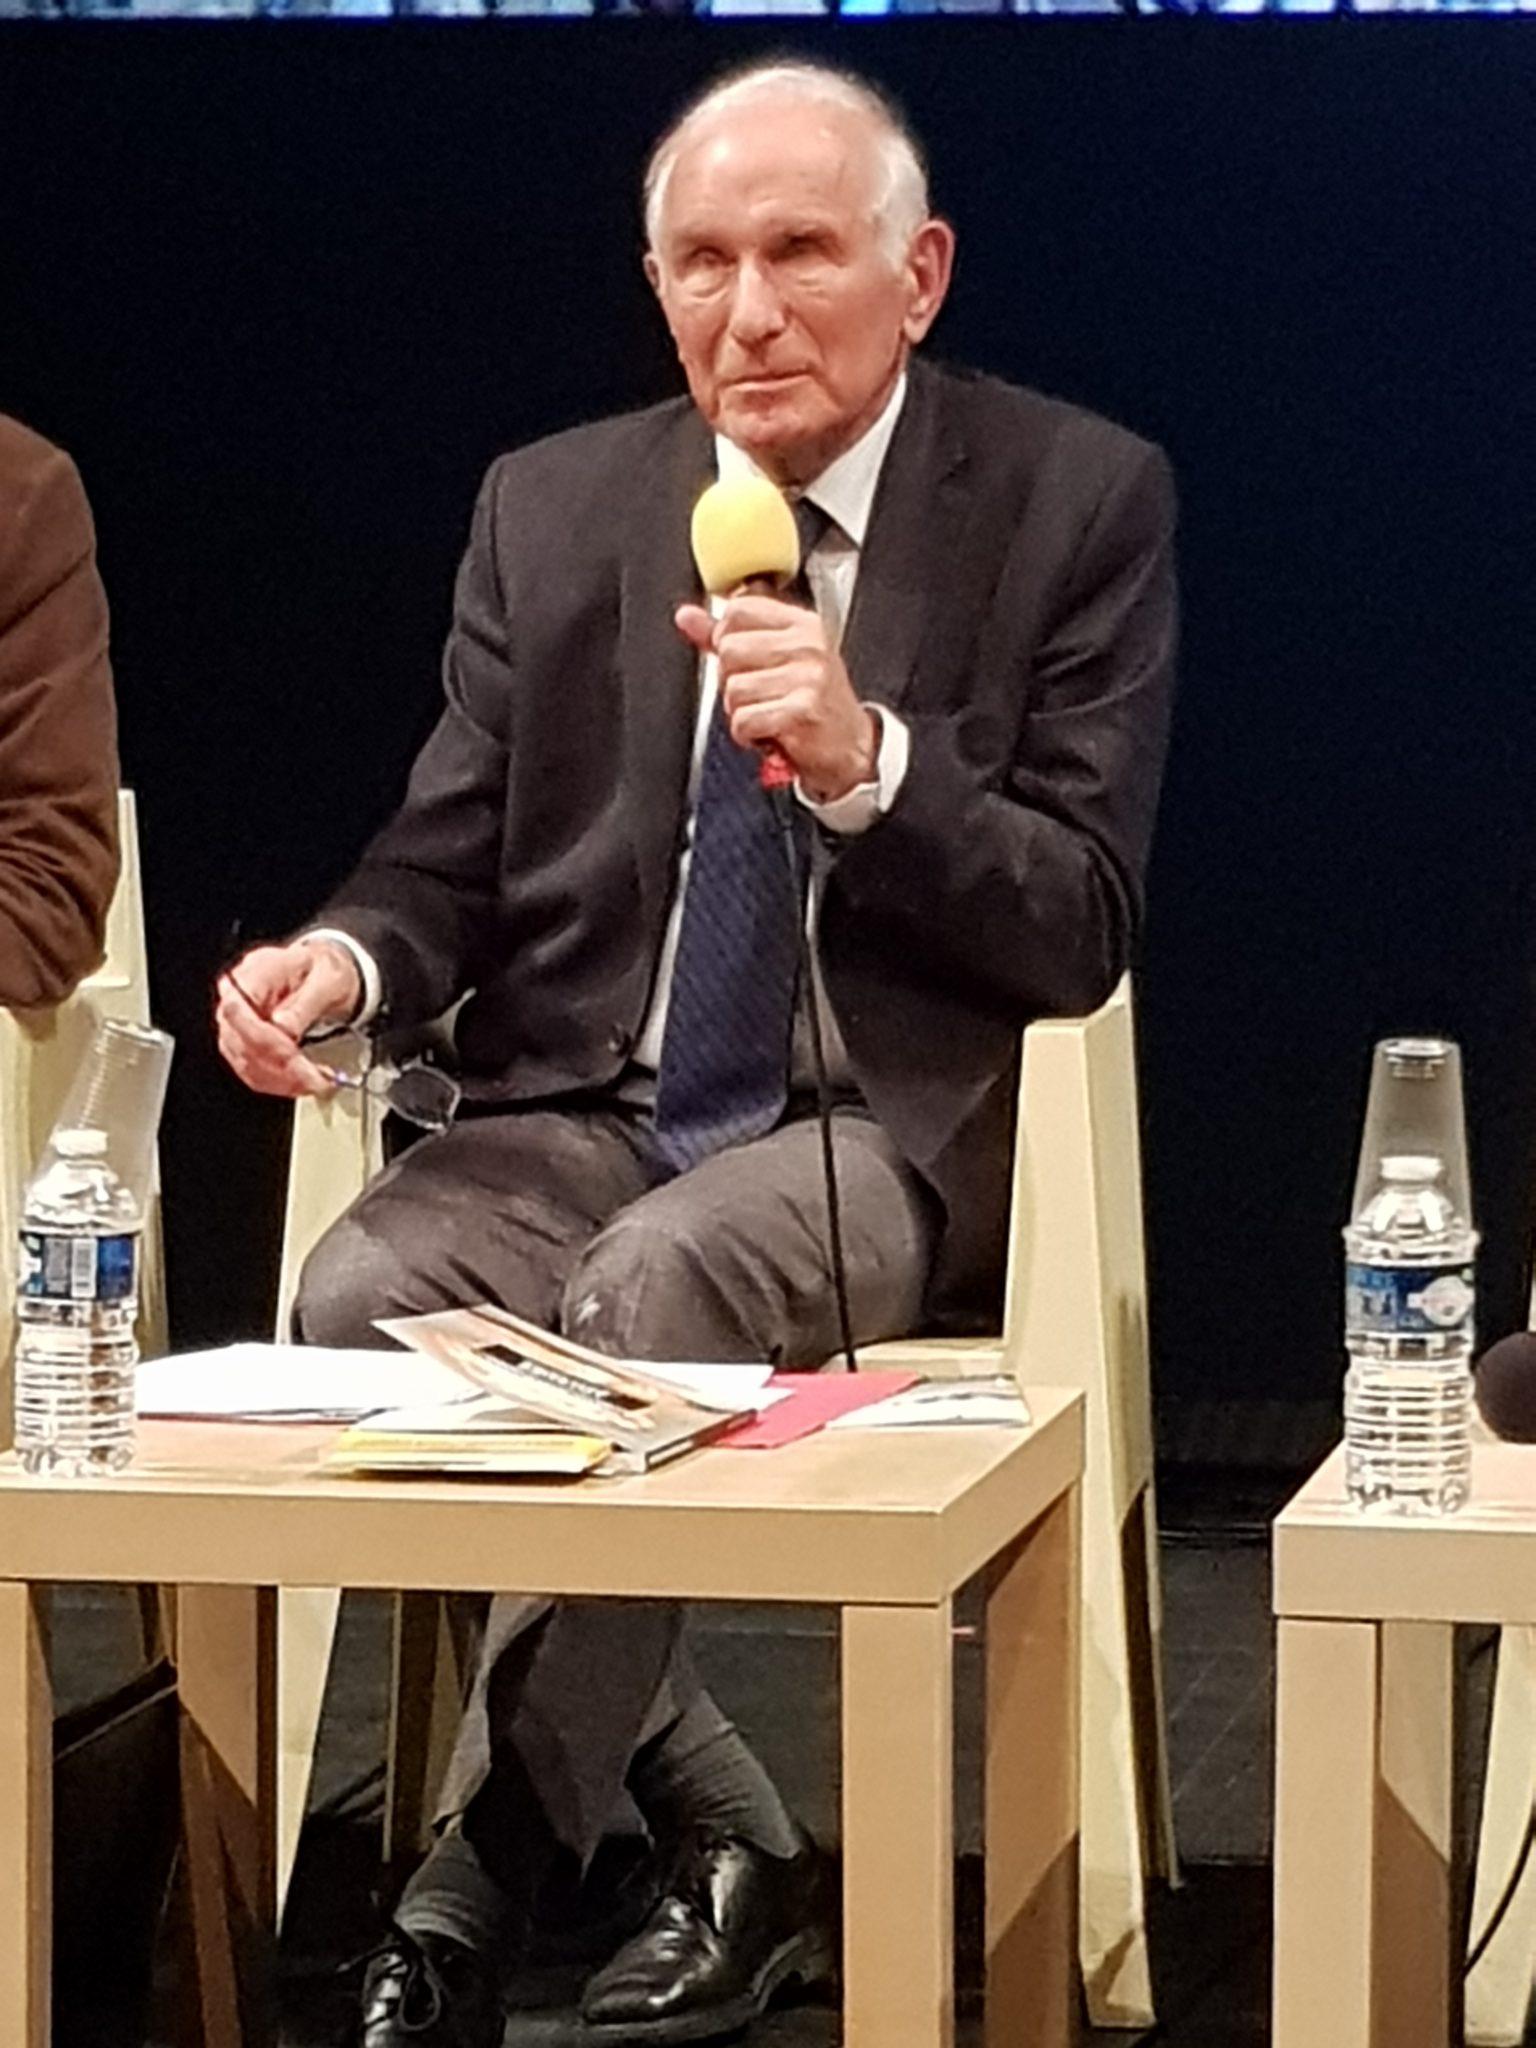 Rencontre sde Sophie Guerre et paix Philosophia Lieu Unique de Nantes Quilès P